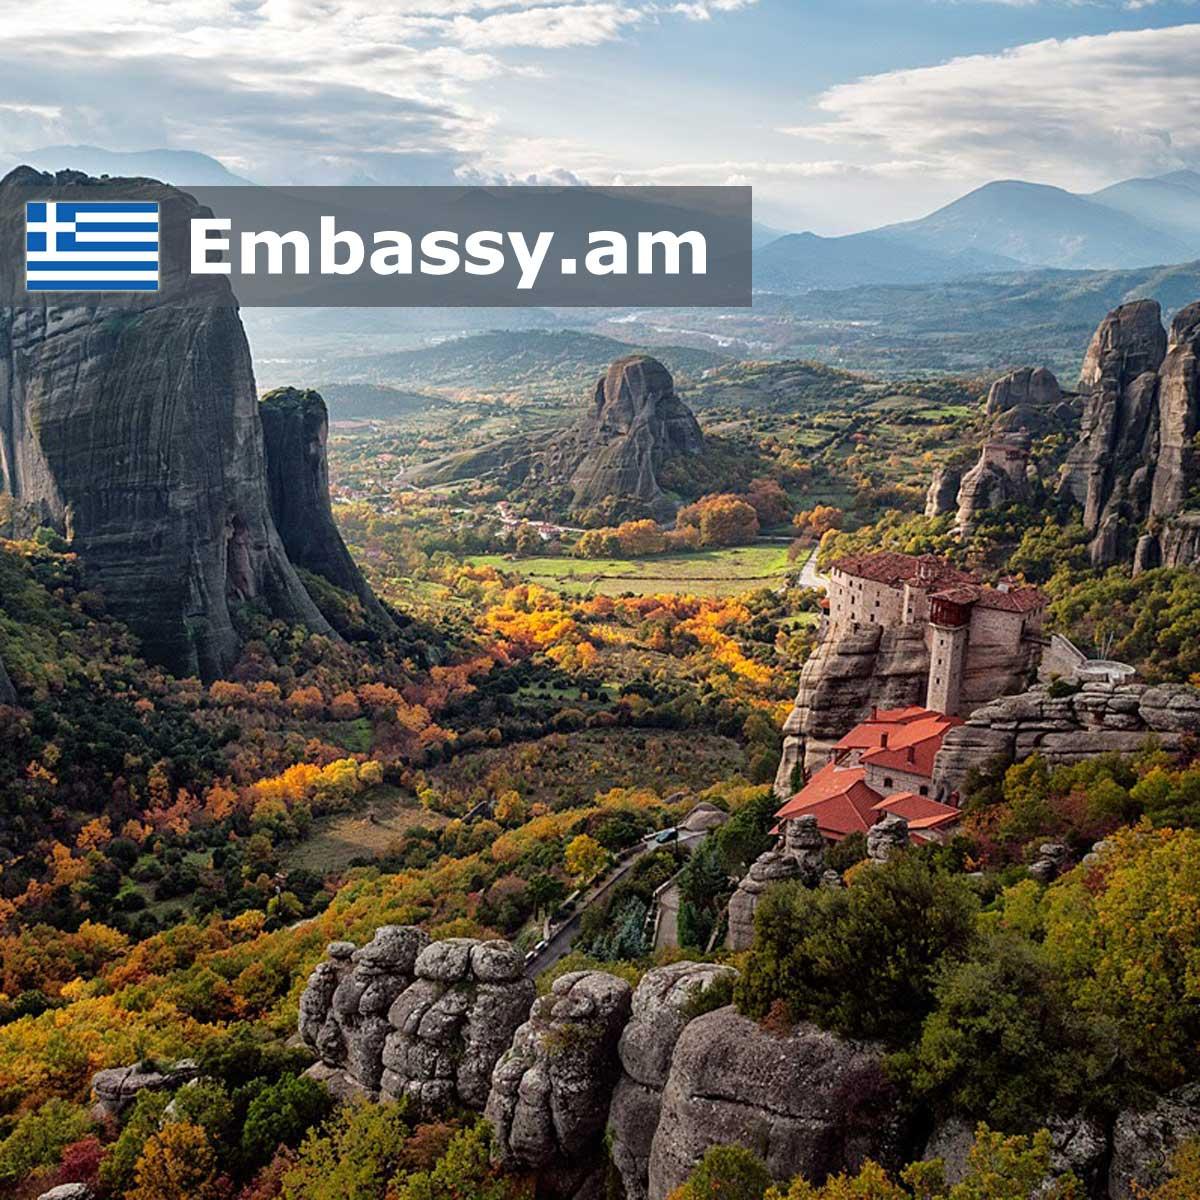 Կալաբակա - Հյուրանոցներ Հունաստանում - Embassy.am